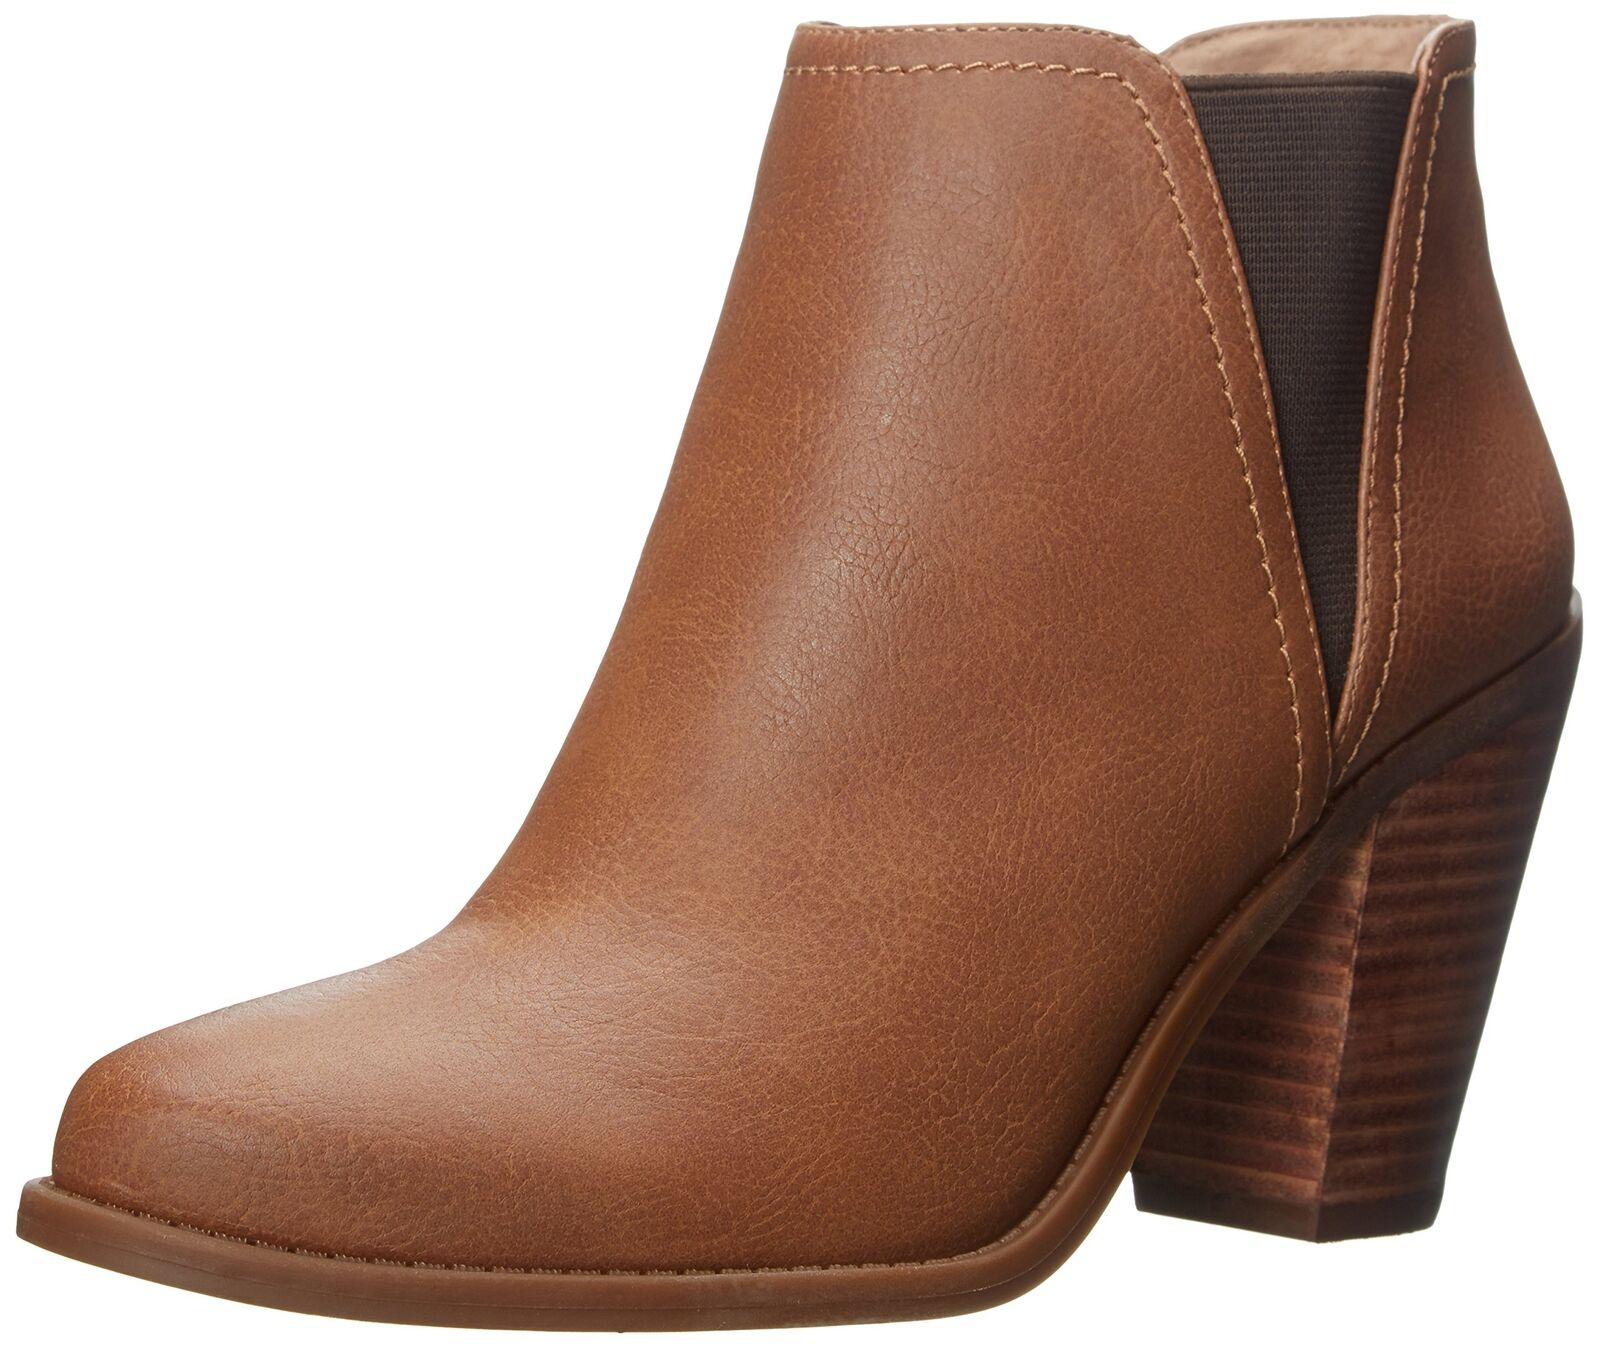 prendiamo i clienti come nostro dio Jessica Simpson Simpson Simpson Donna  Cinco avvio Bourbon 5.5 B(M) US  moda